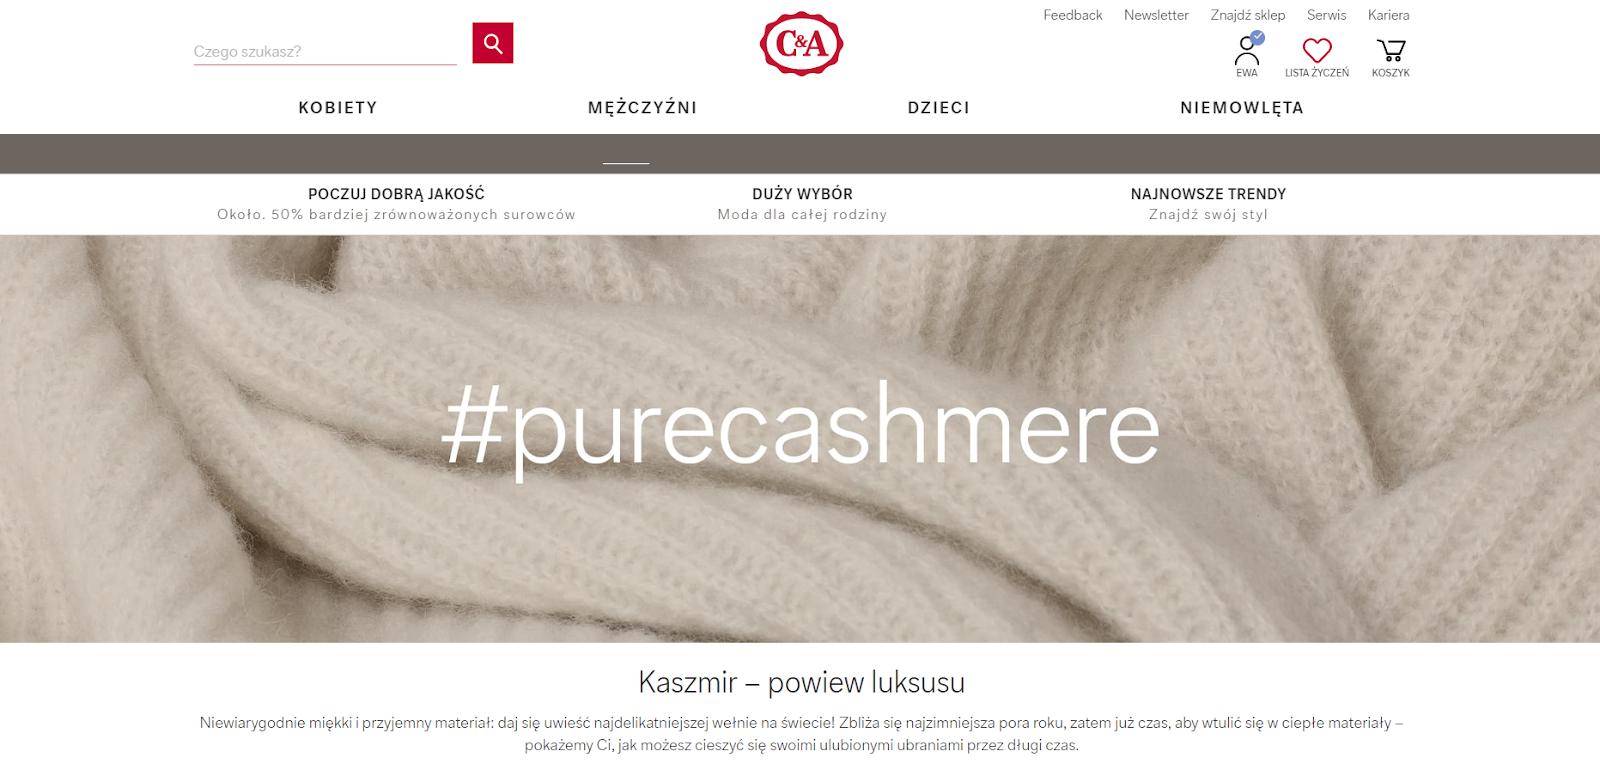 Gdzie-kupic-welniany-plaszcz-sweter-i-czapke-przeglad-sieciowek-i-polskich-marek